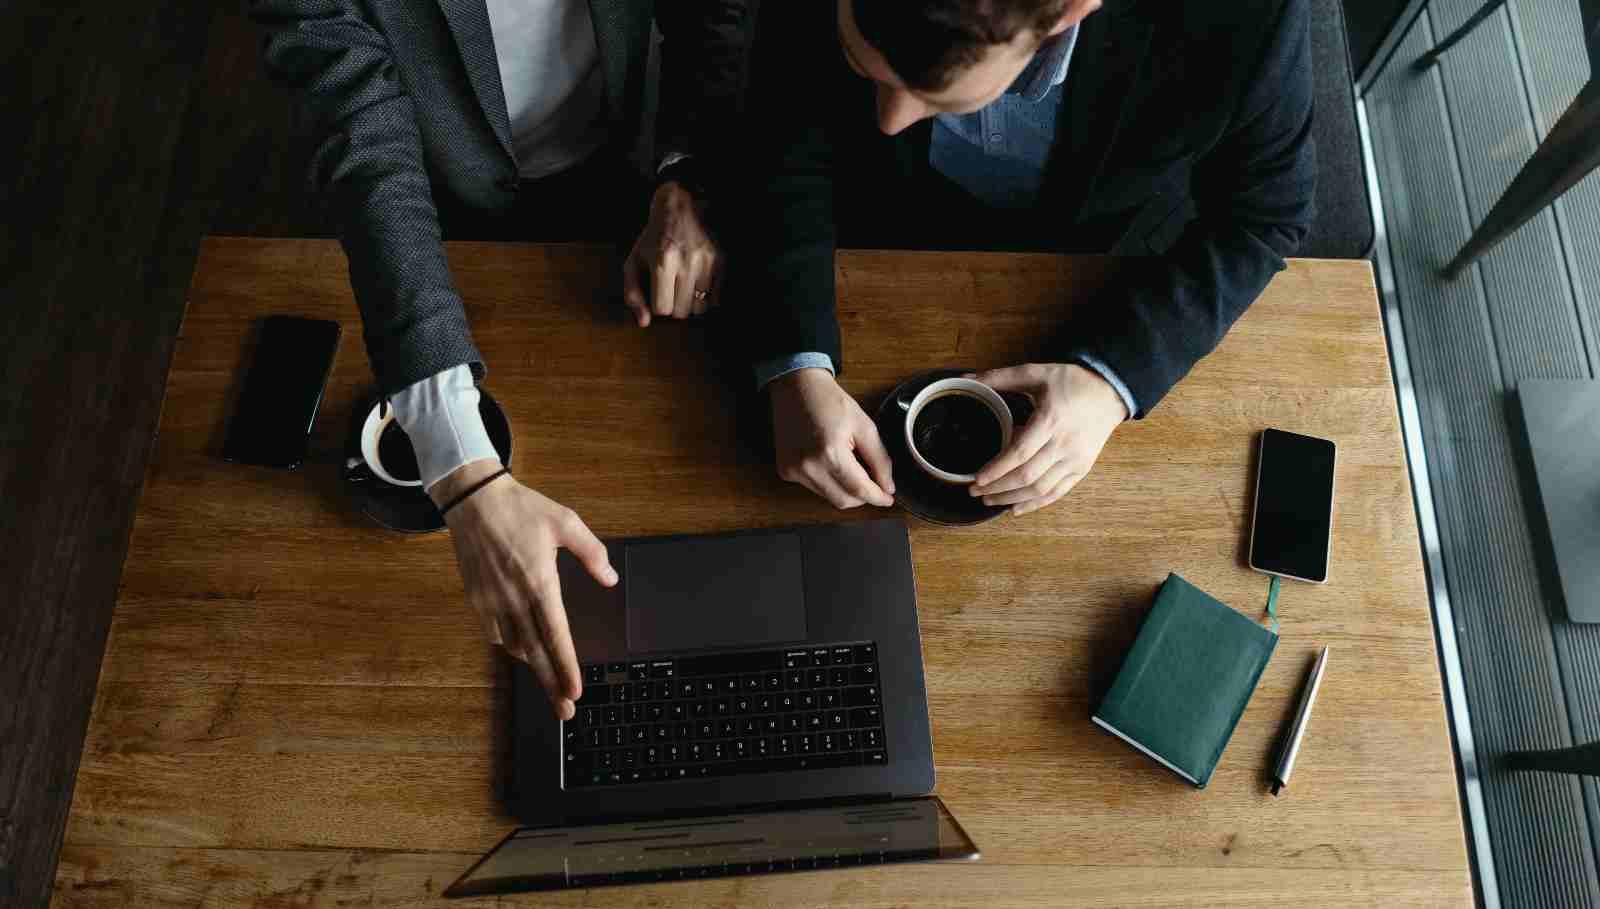 Gradiš ali izčrpavaš podjetje?